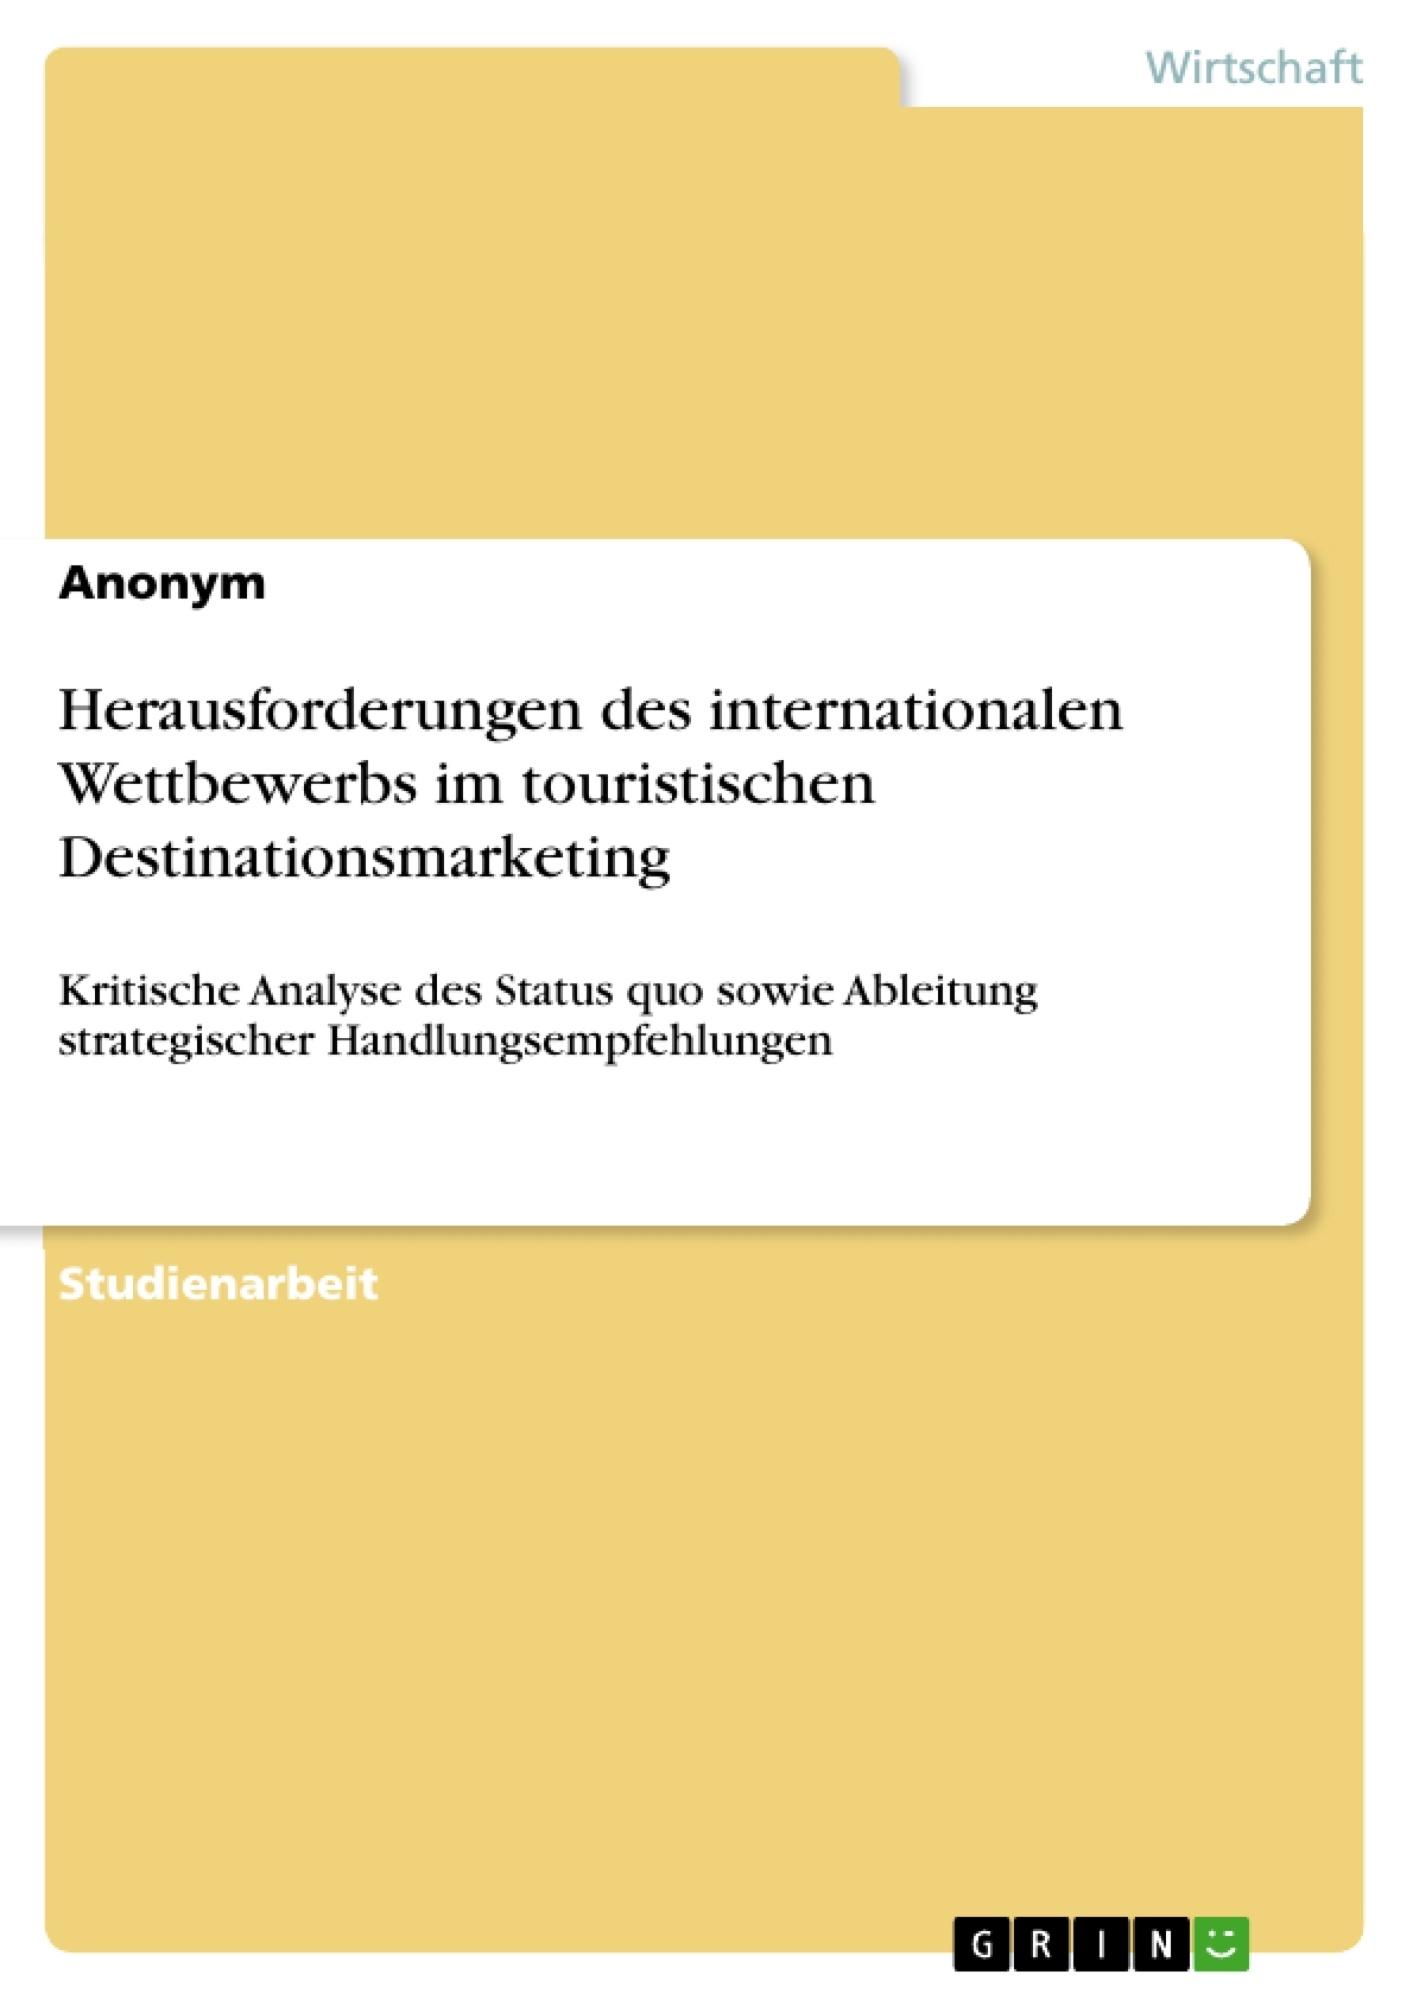 Titel: Herausforderungen des internationalen Wettbewerbs im touristischen Destinationsmarketing